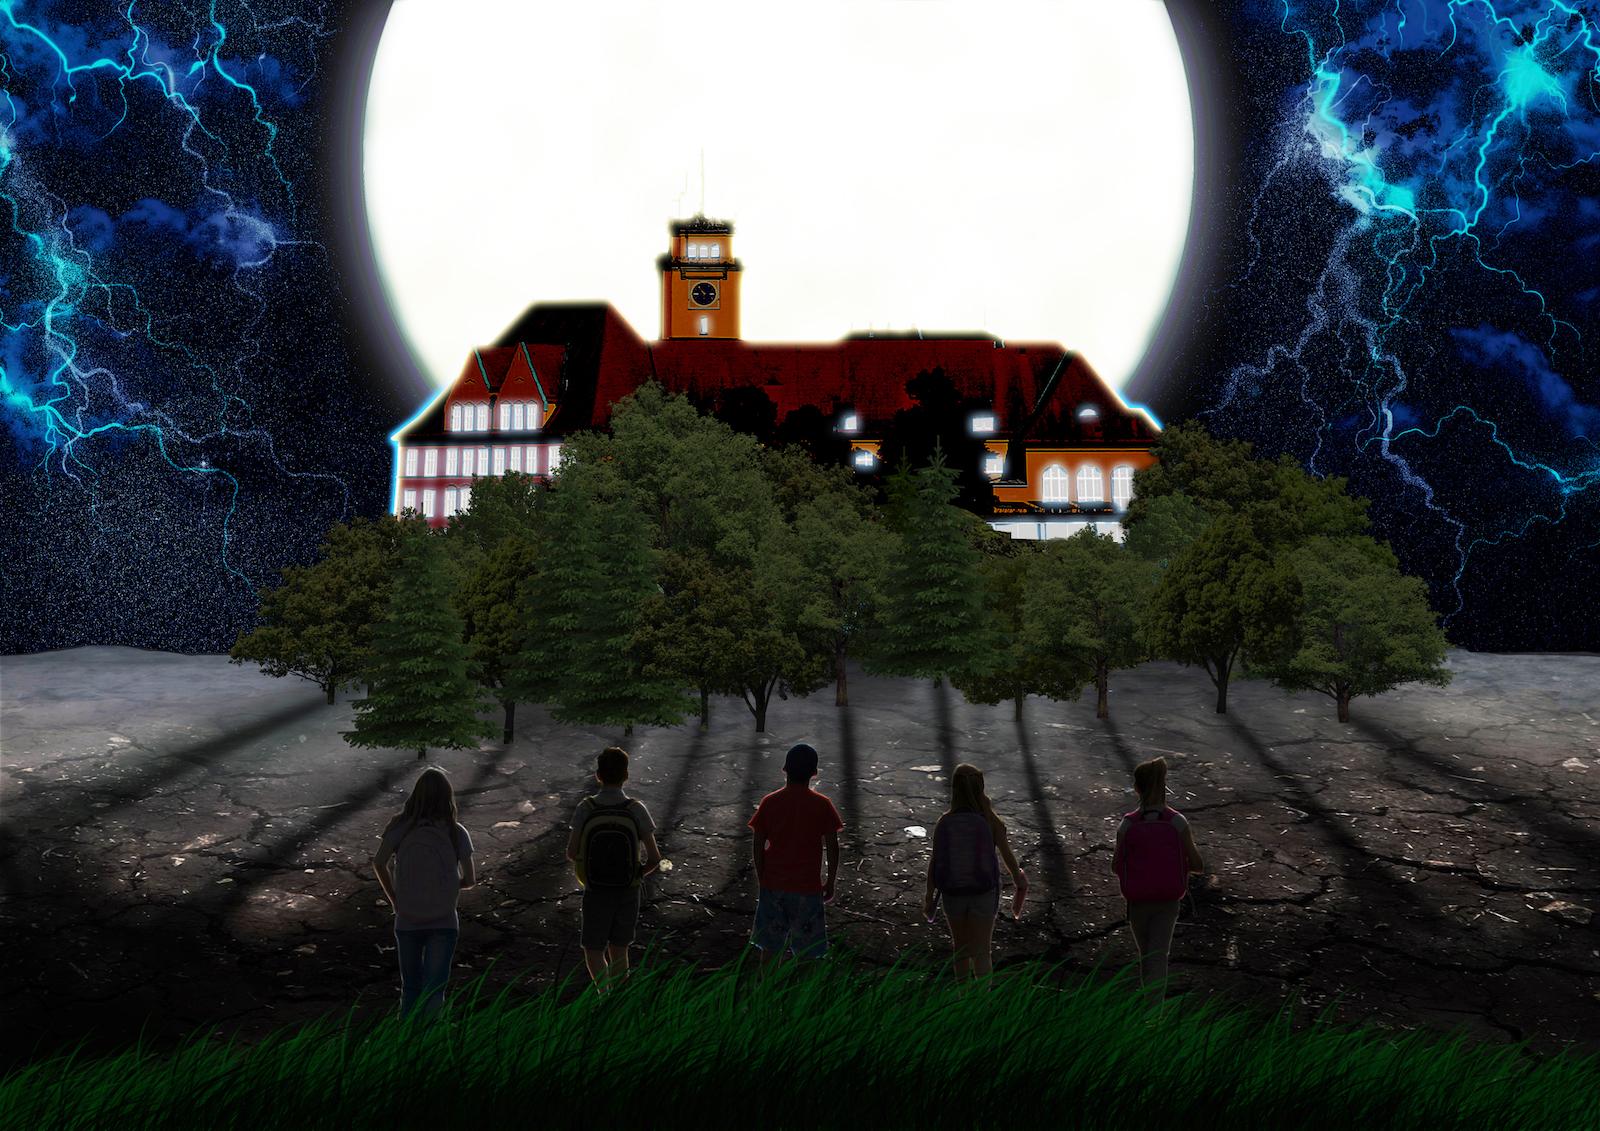 images/Inhalte_2018_19/Plakat_Gottesdienst3.jpg